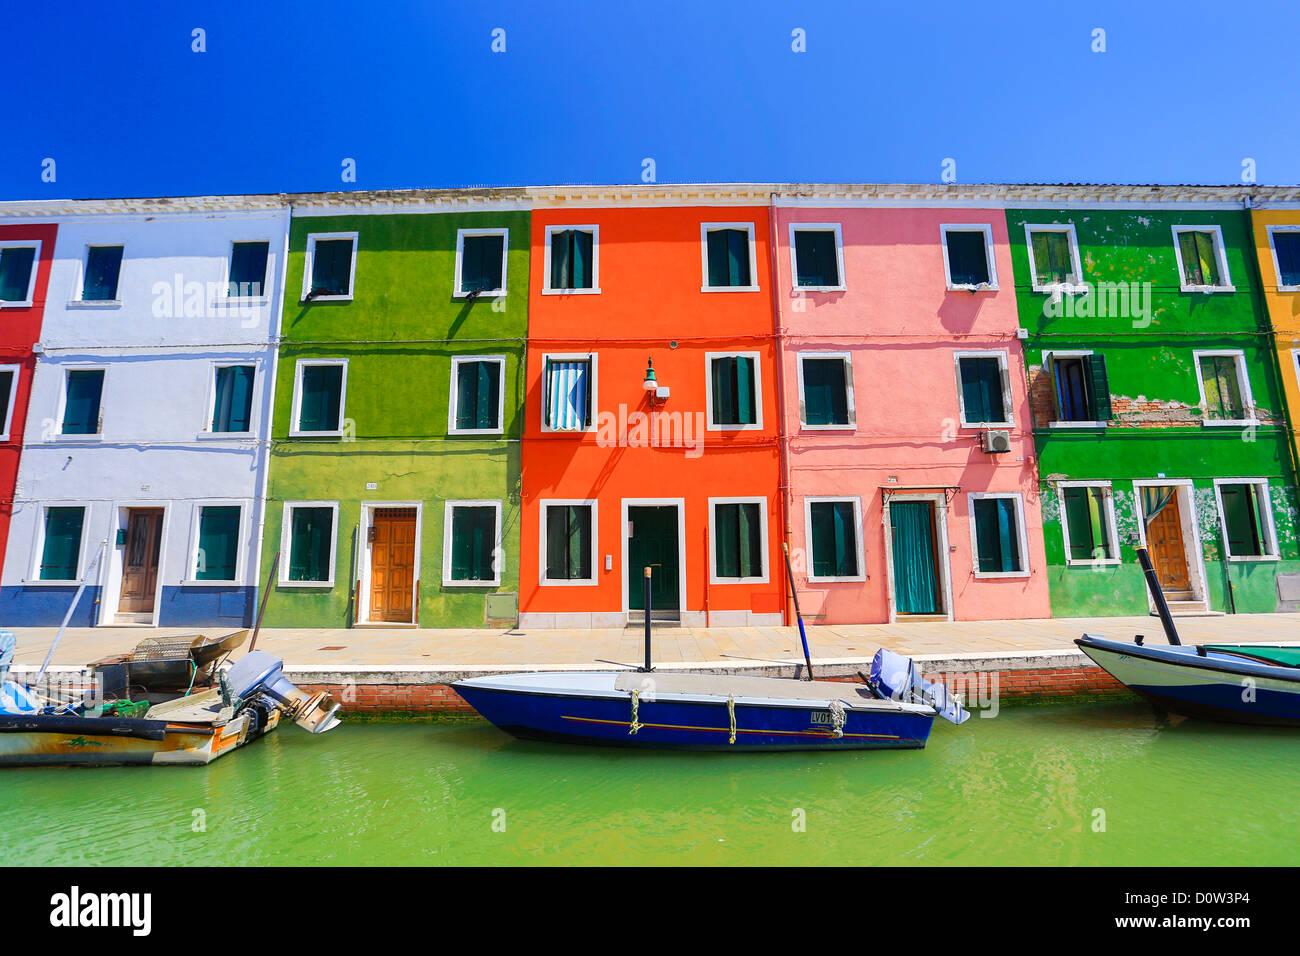 Italien, Europa, Reisen, Venedig, Burano Architektur, Boote, canal, bunt, Farben, Tourismus, Häuser Stockbild